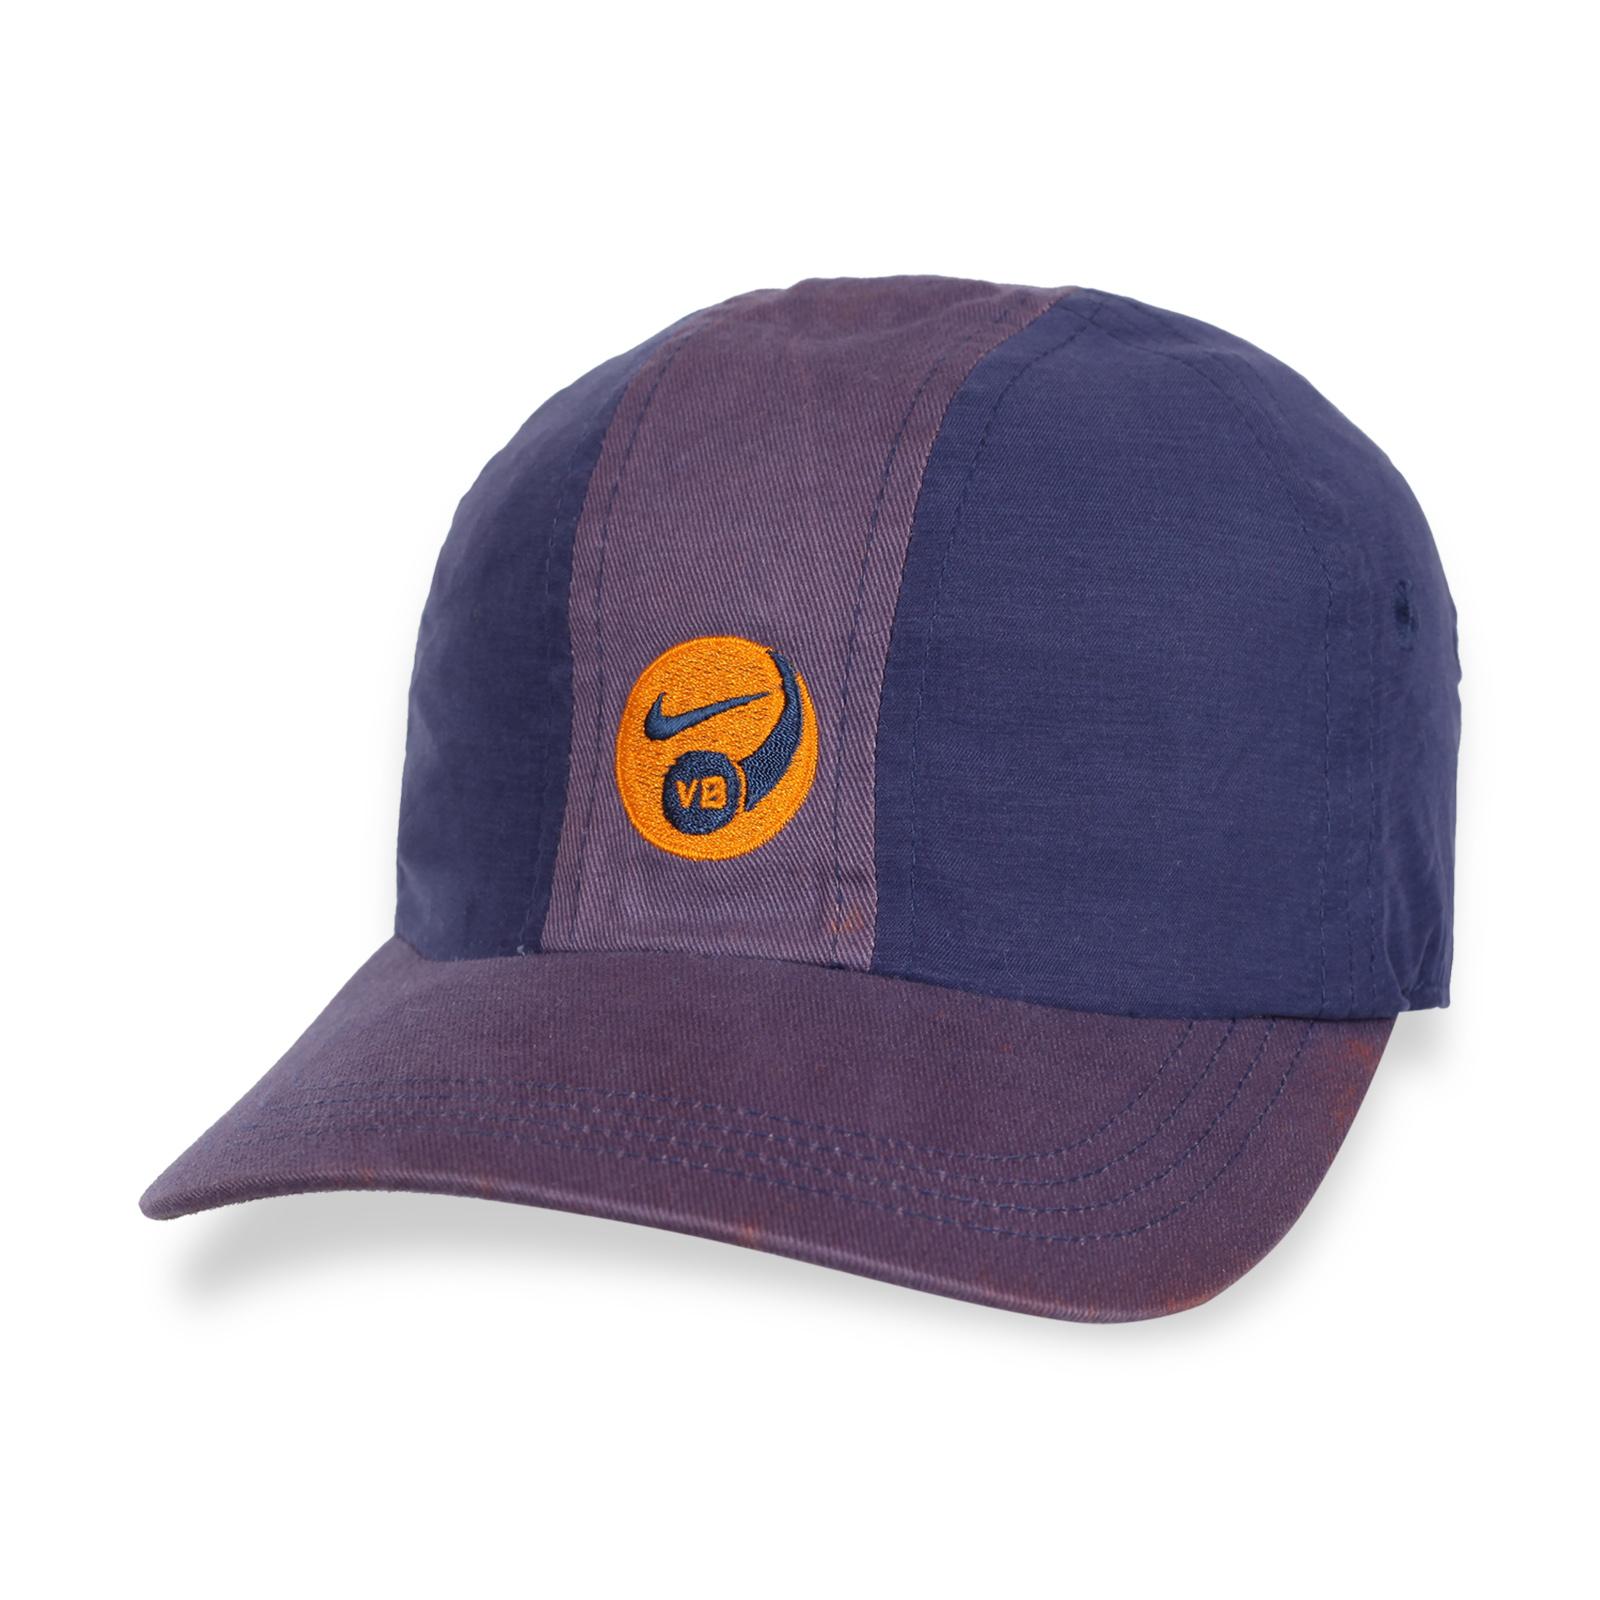 Спортивная кепка с новомодном дизайне.